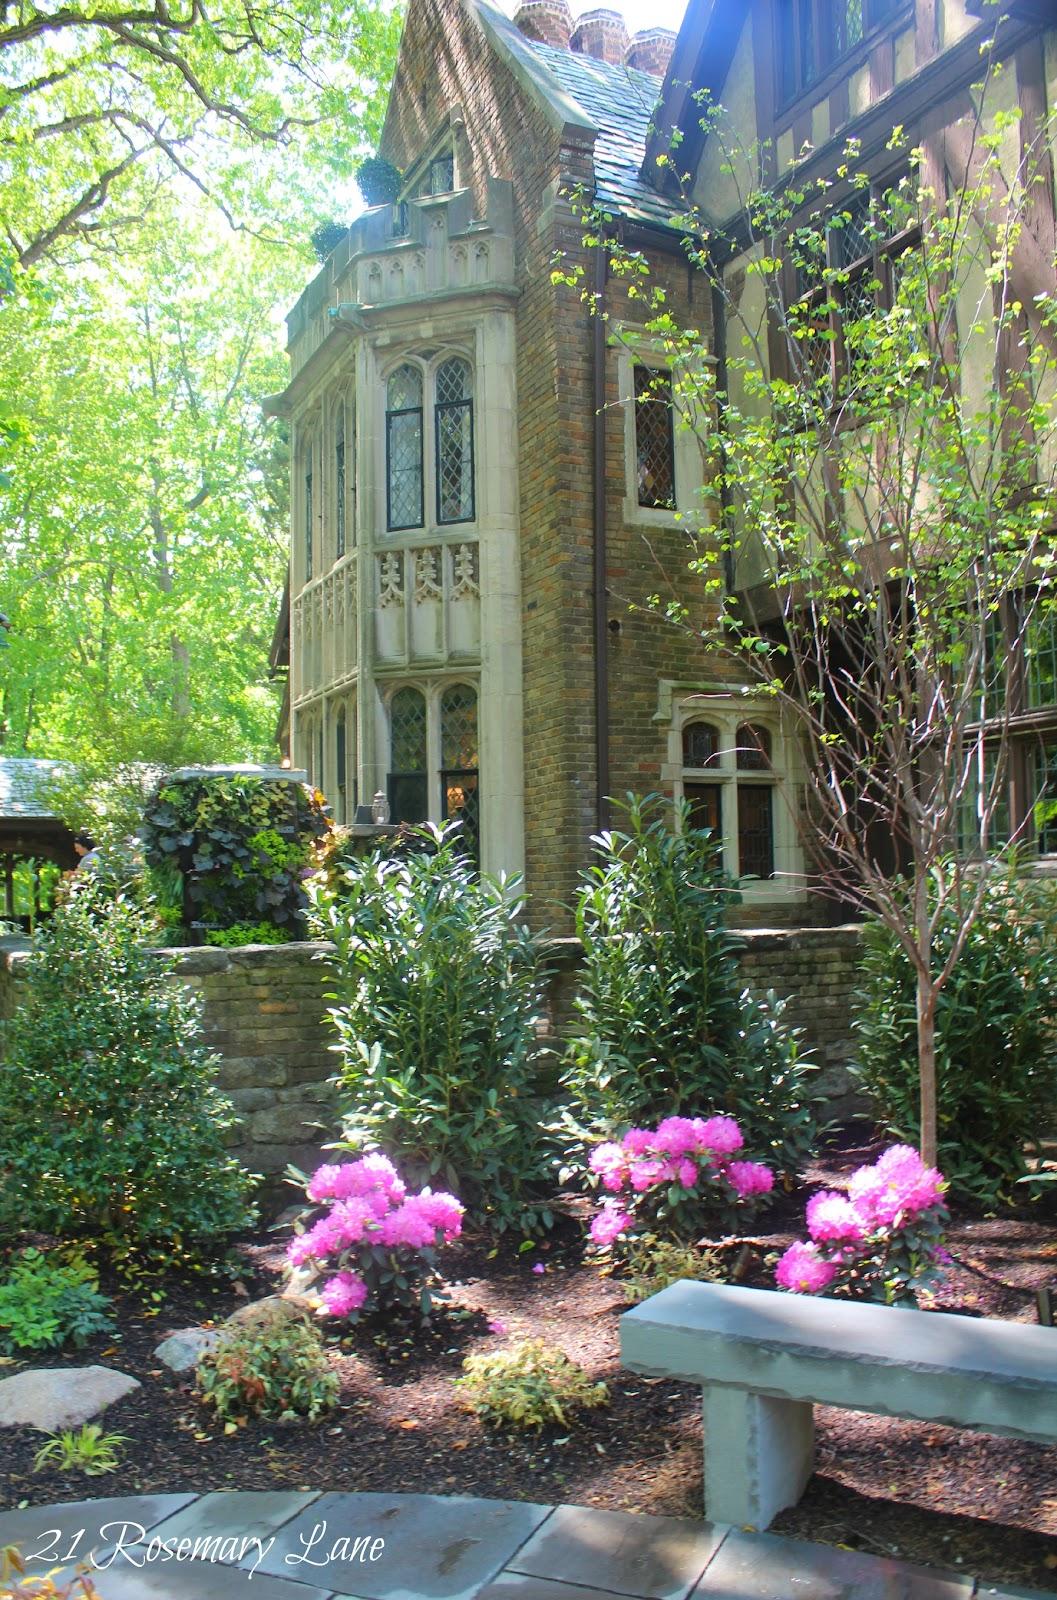 21 rosemary lane mansion garden tour glynallyn castle for 21 mansion terrace cranford nj